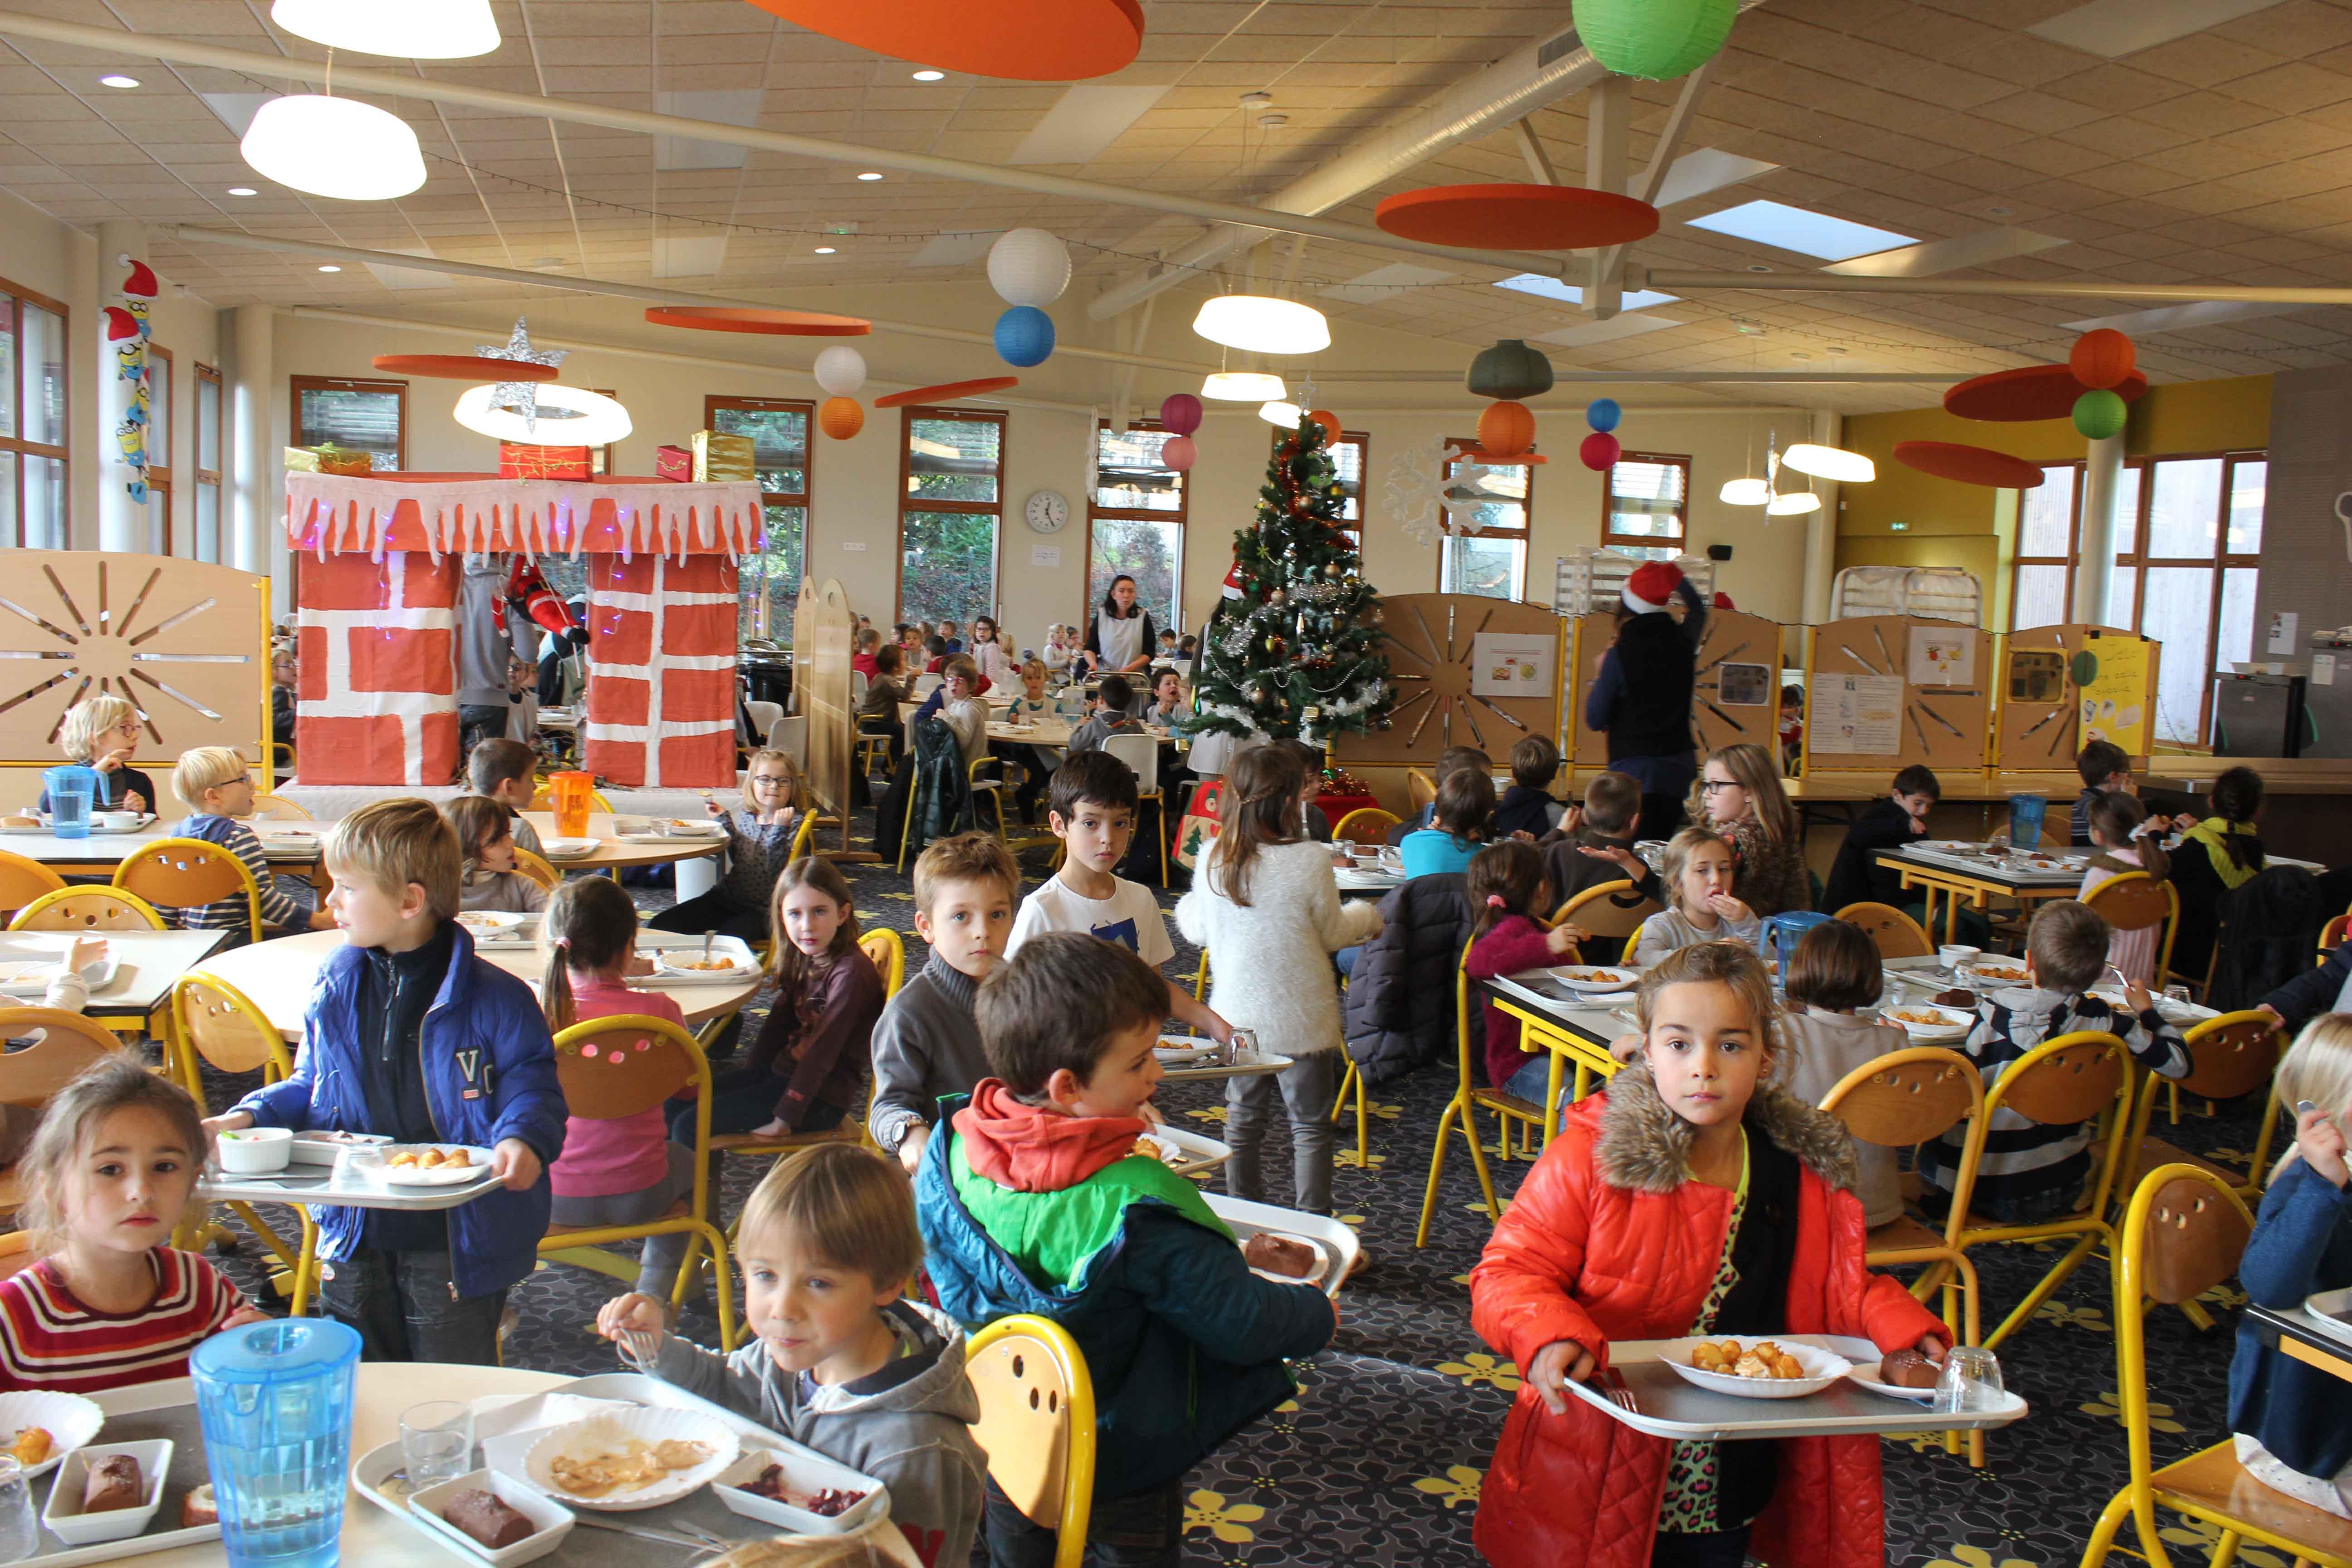 Le restaurant scolaire enfance jeunesse for Formation restauration scolaire